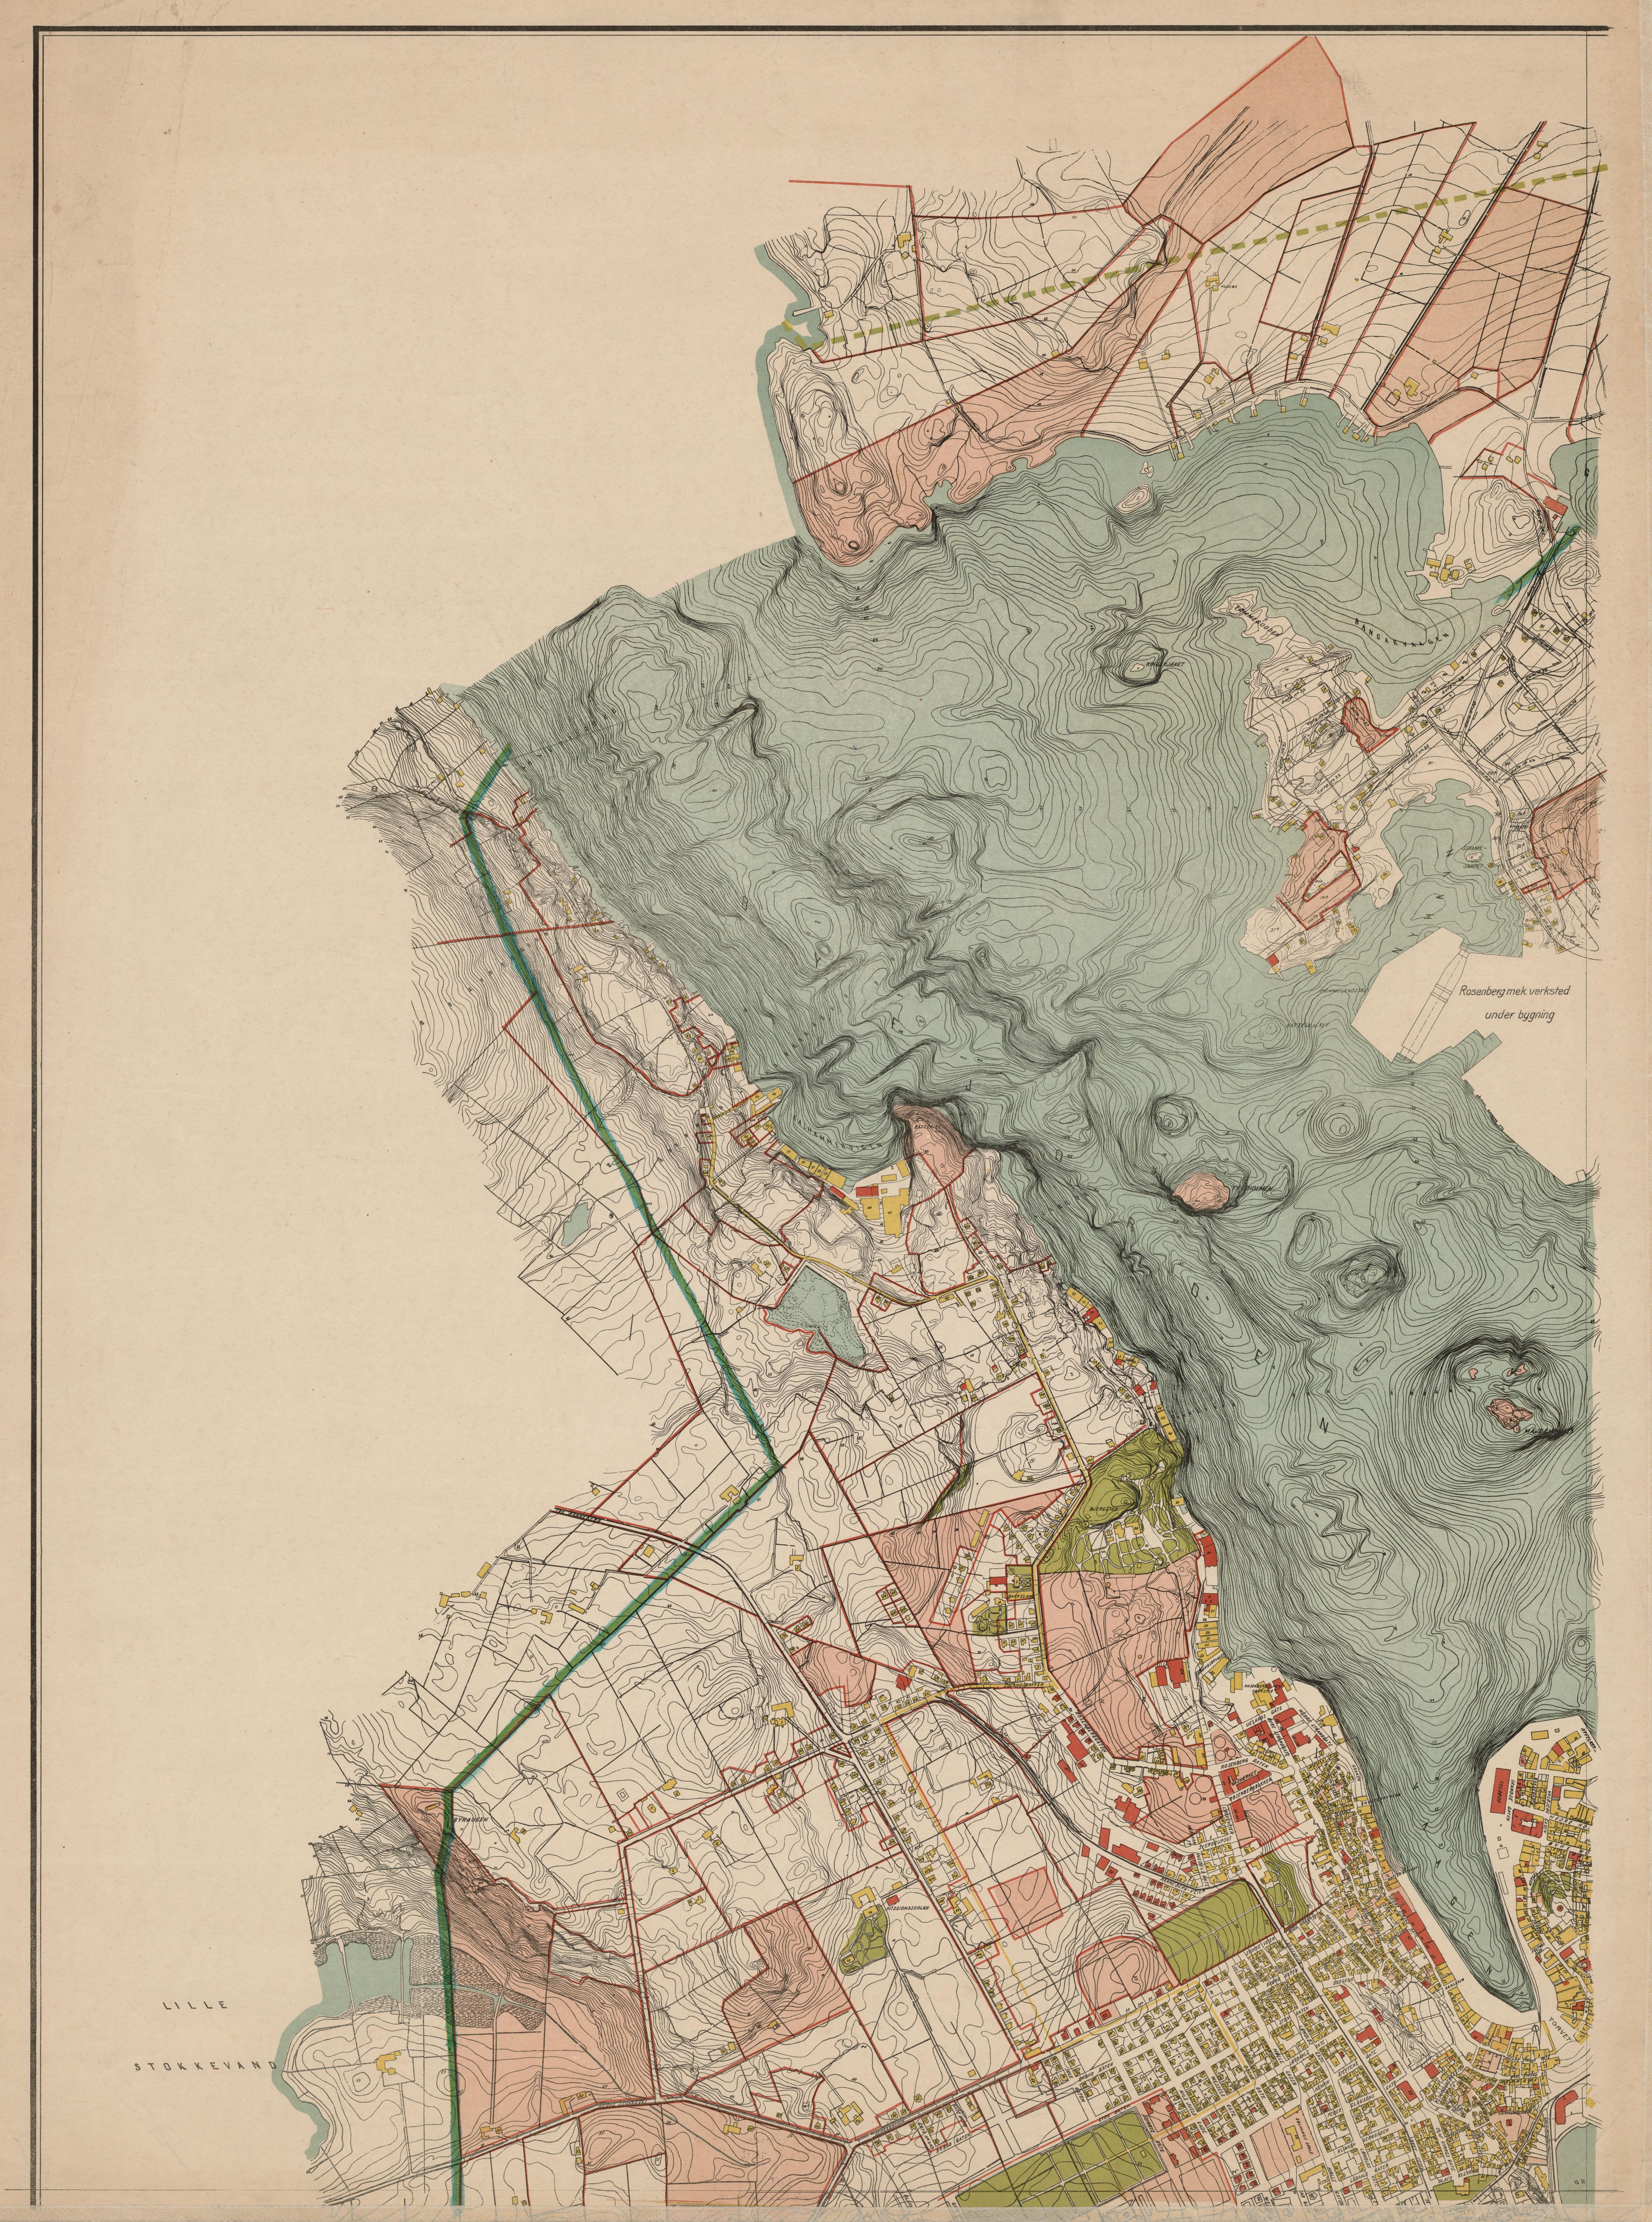 kart stavanger og omegn File:Stavanger amt nr 28 nv  Kart over Stavanger med nærmeste  kart stavanger og omegn